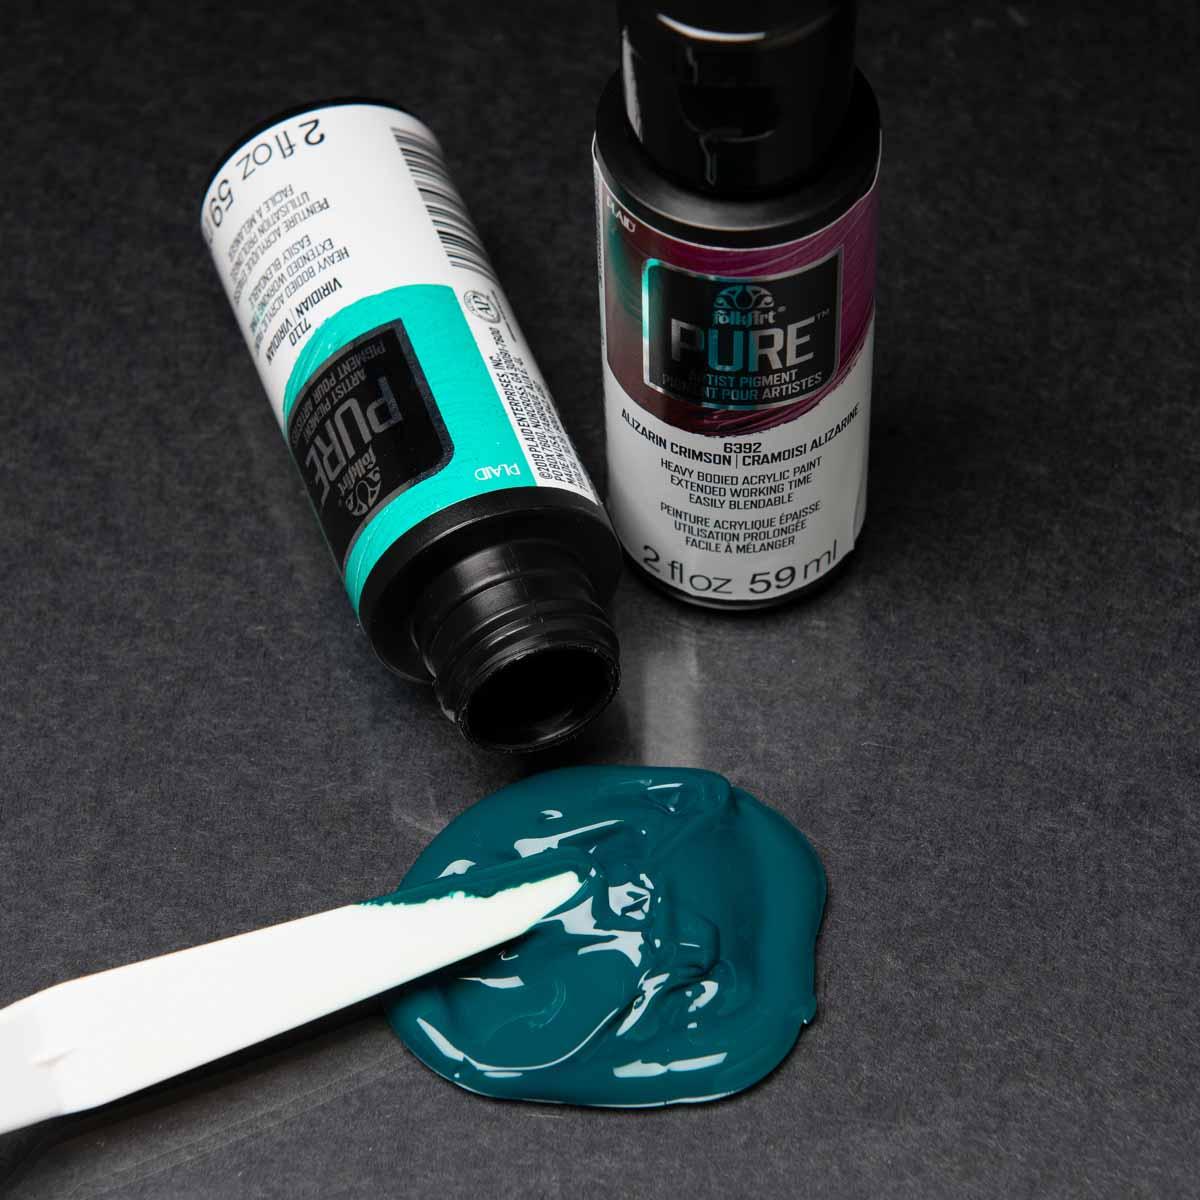 FolkArt ® Pure™ Artist Pigment - Titanium White, 2 oz. - 6386